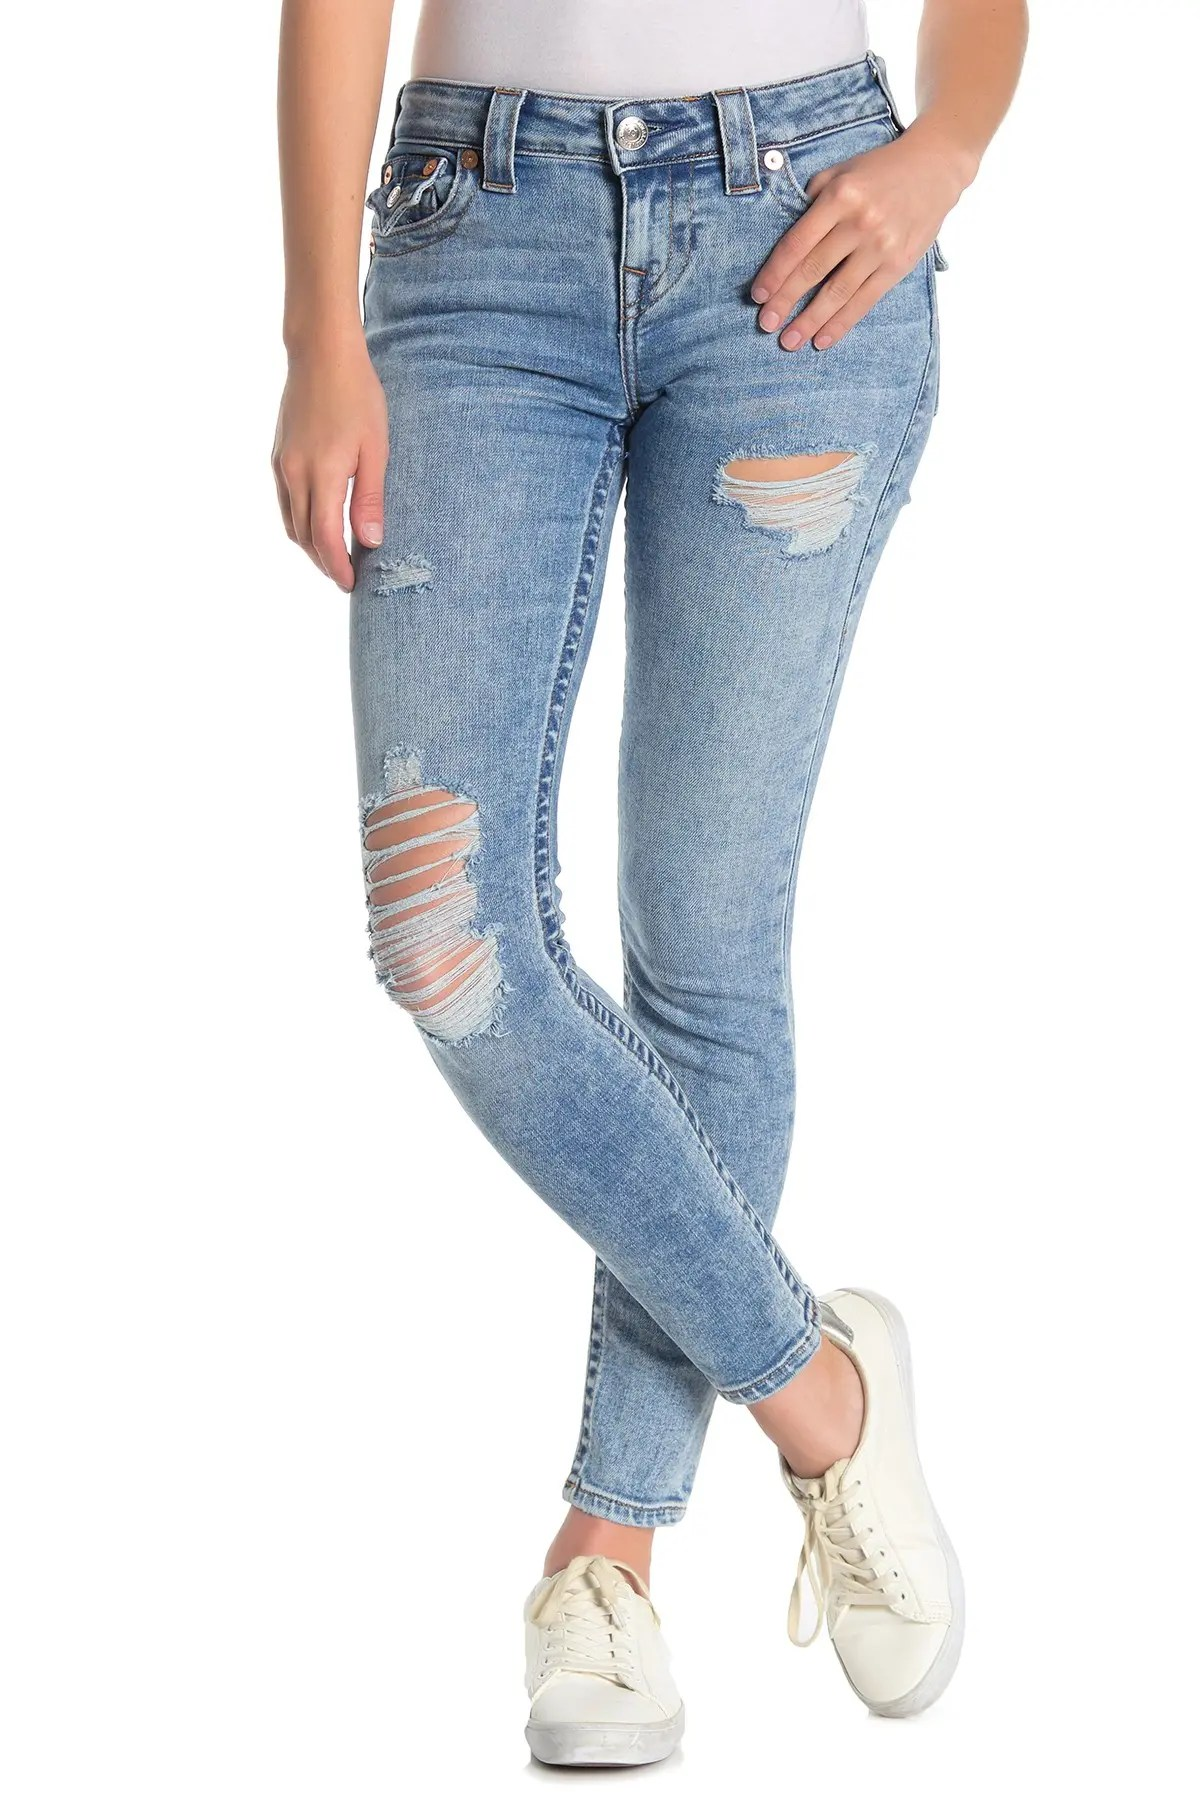 true religion halle flap destroyed skinny jeans nordstrom rack